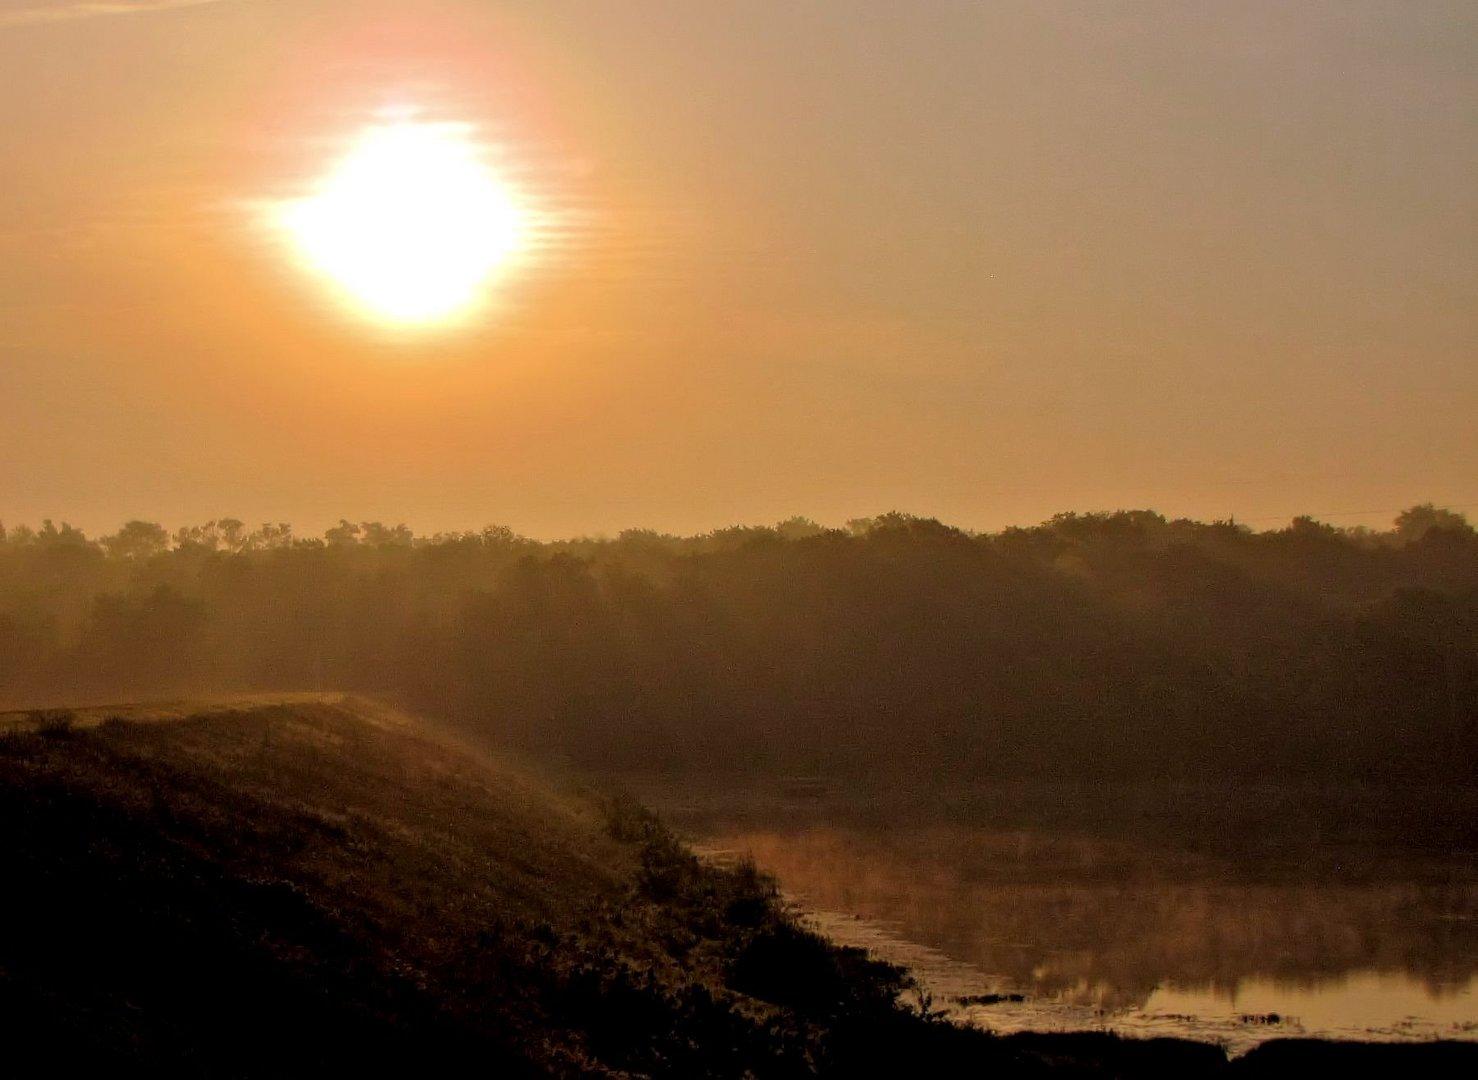 Sunrise Over the Morning Mist